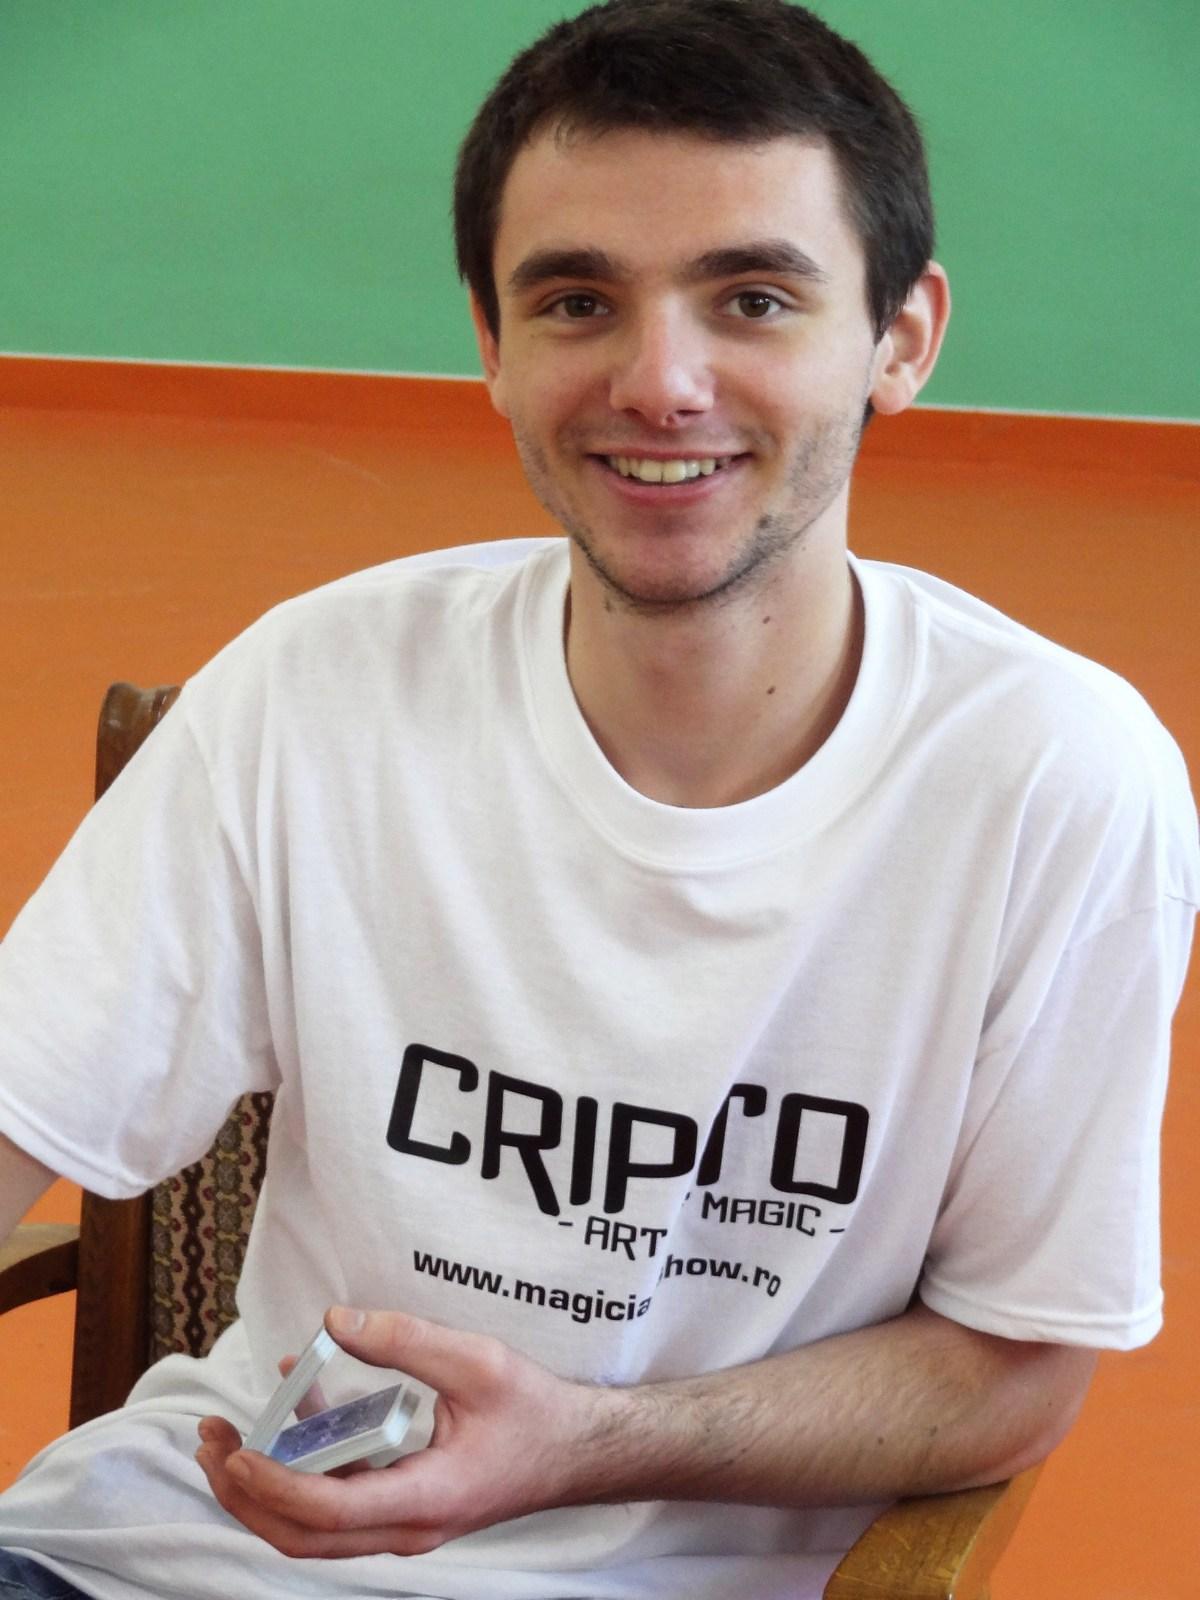 Cripto a reusit 82 de taieri cu o singura mana in doar un minut